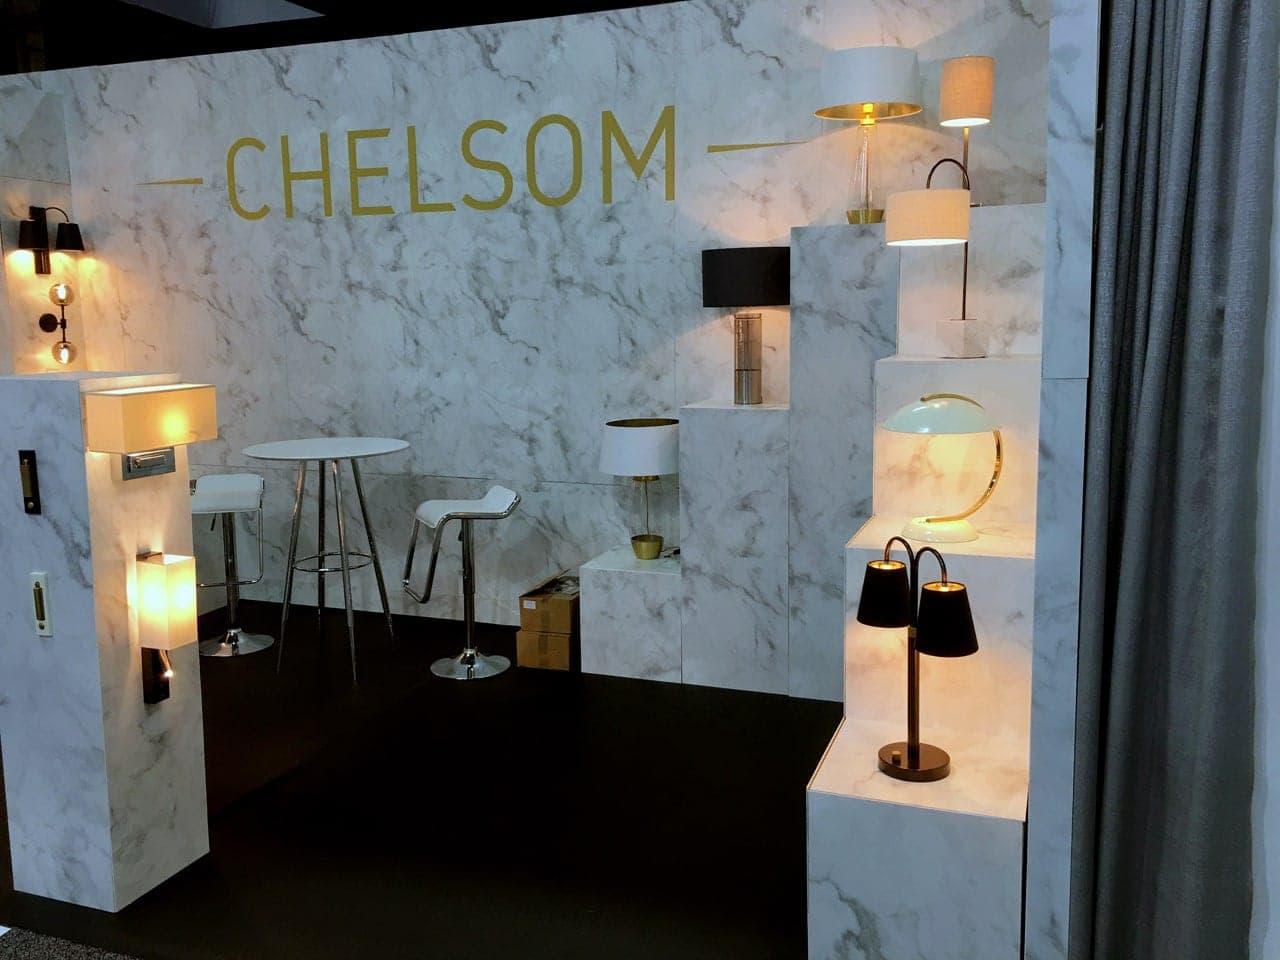 Chelsom